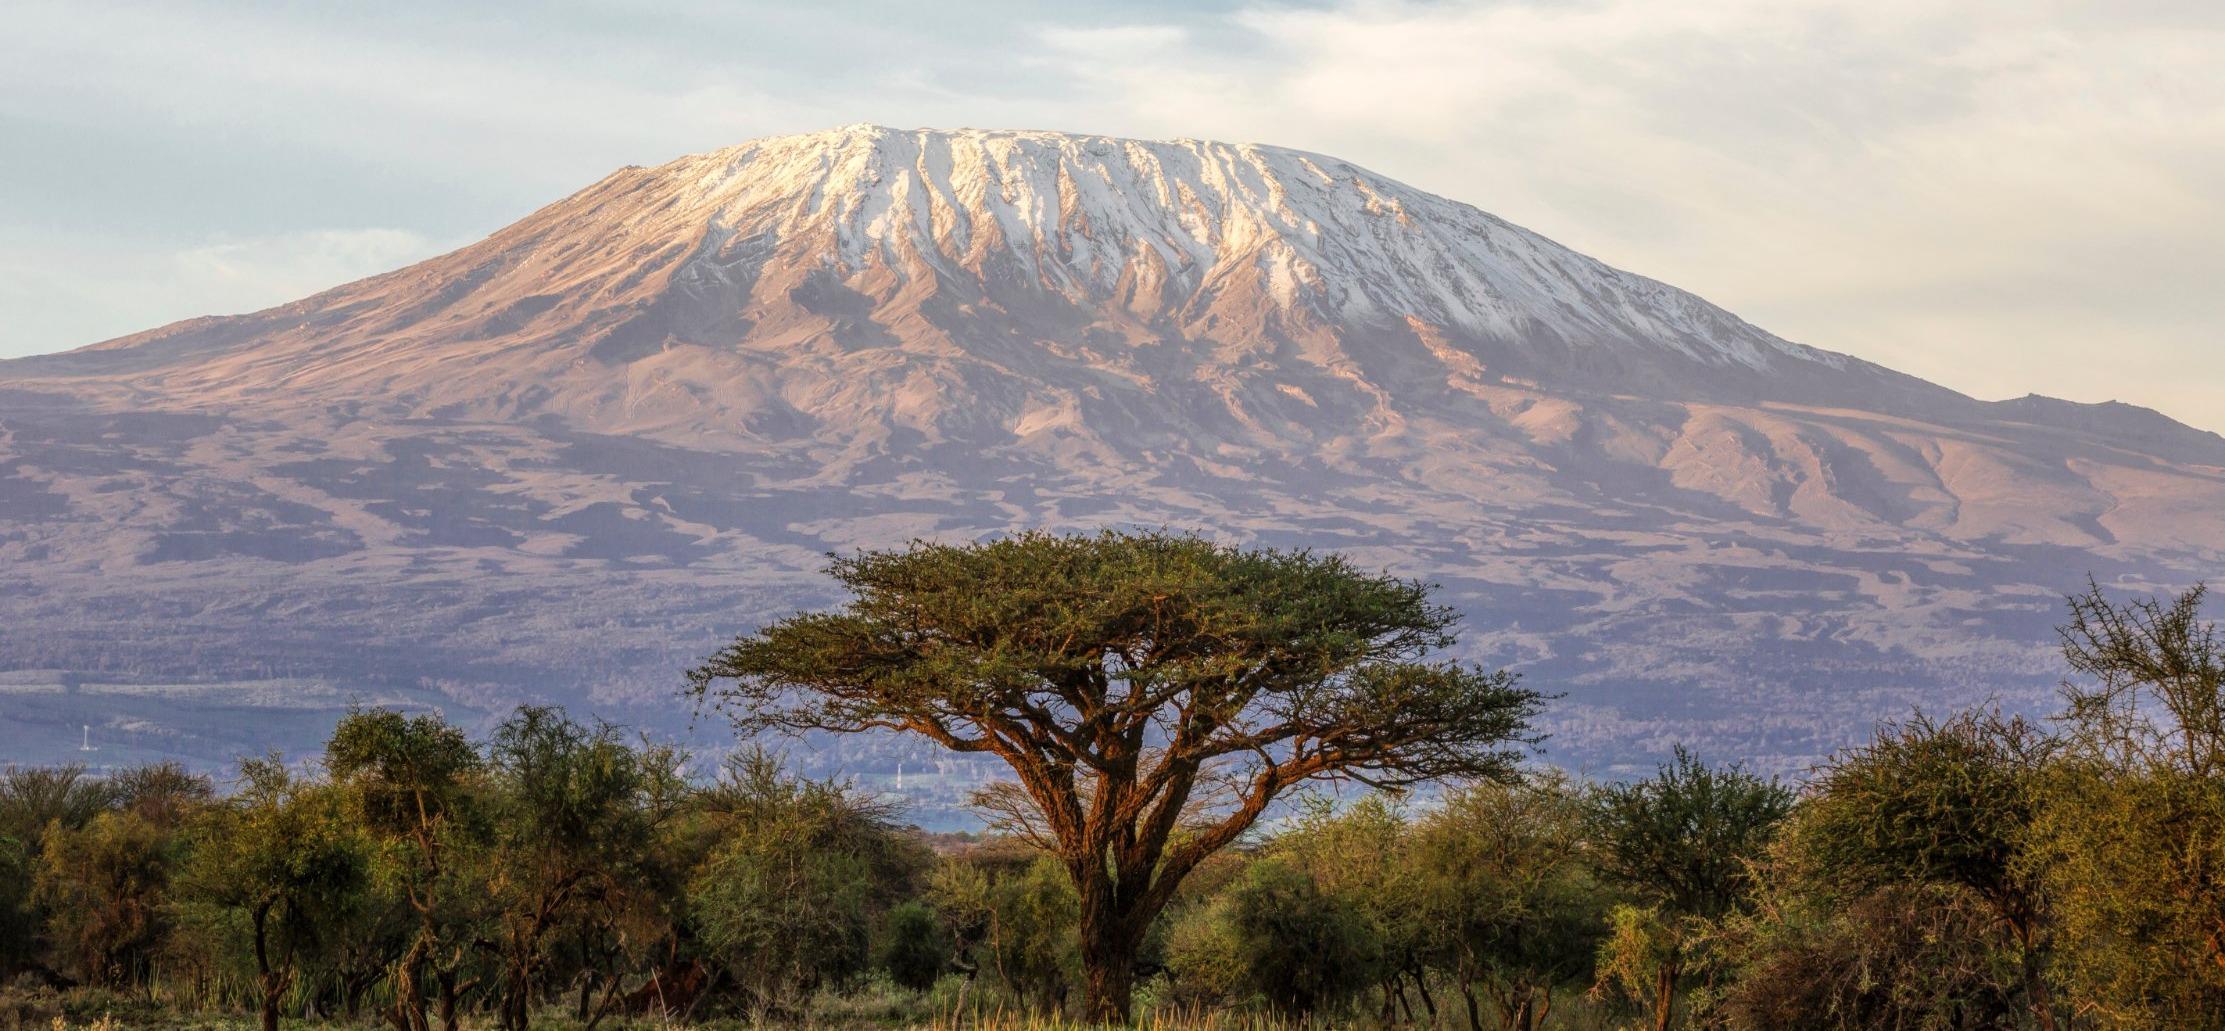 mt kilimanjaro and acacia tree